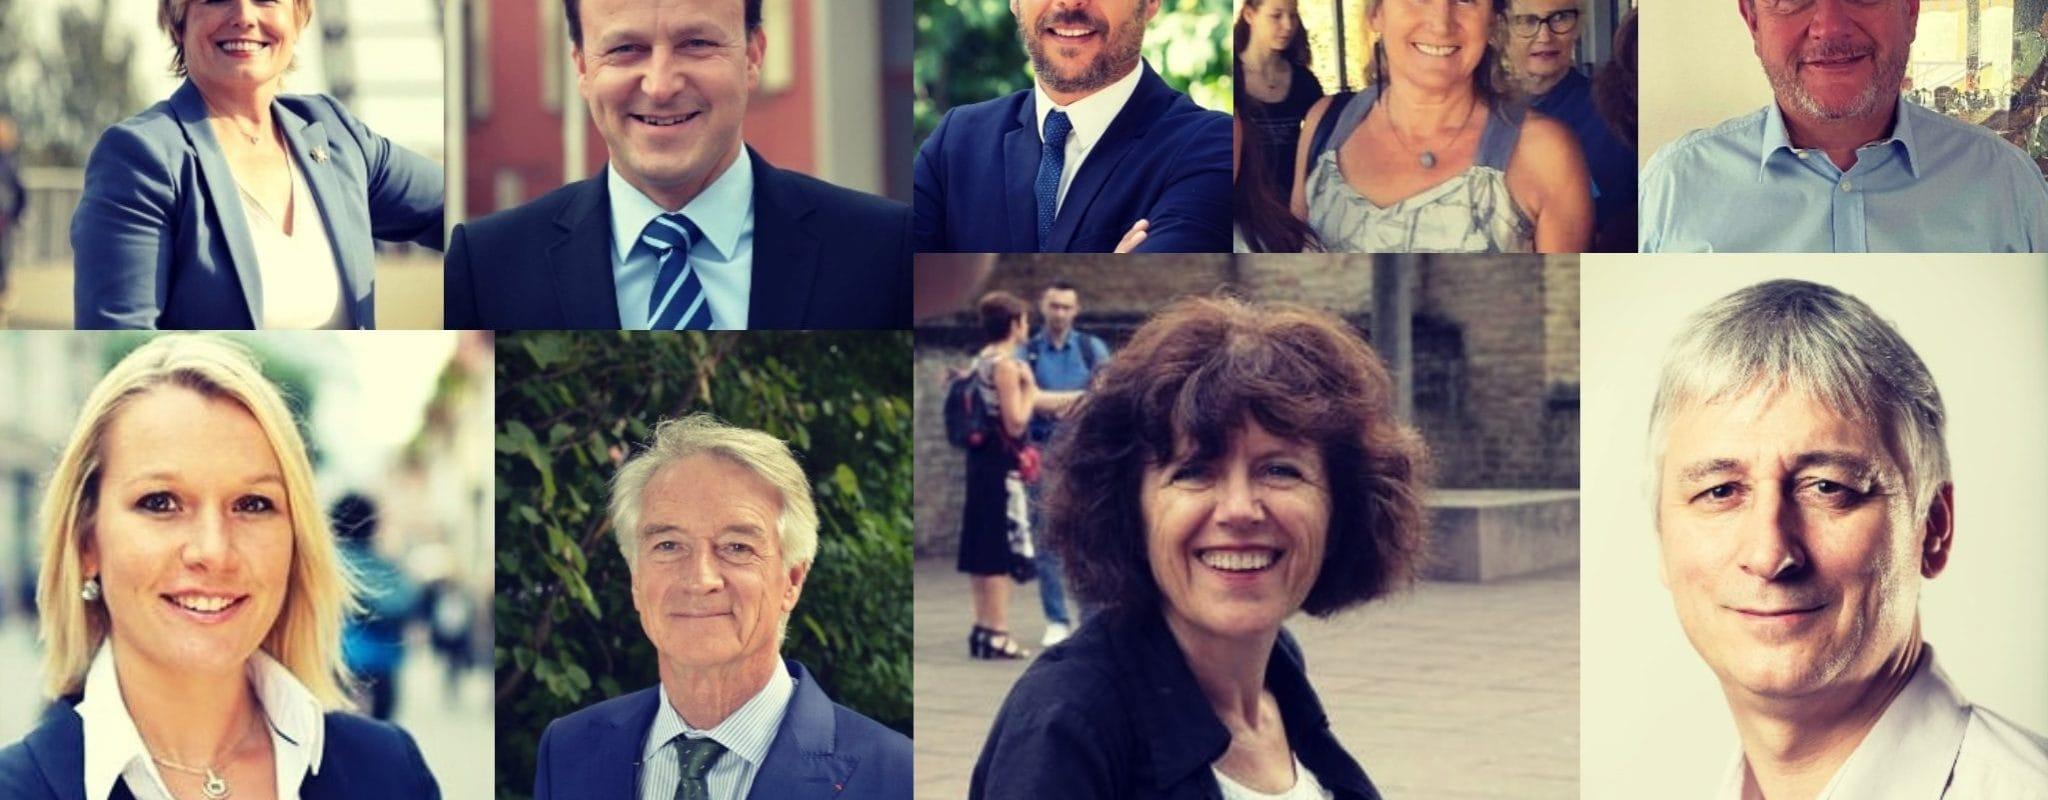 Sénatoriales: LREM rit dans le Haut-Rhin, pleure dans le Bas-Rhin